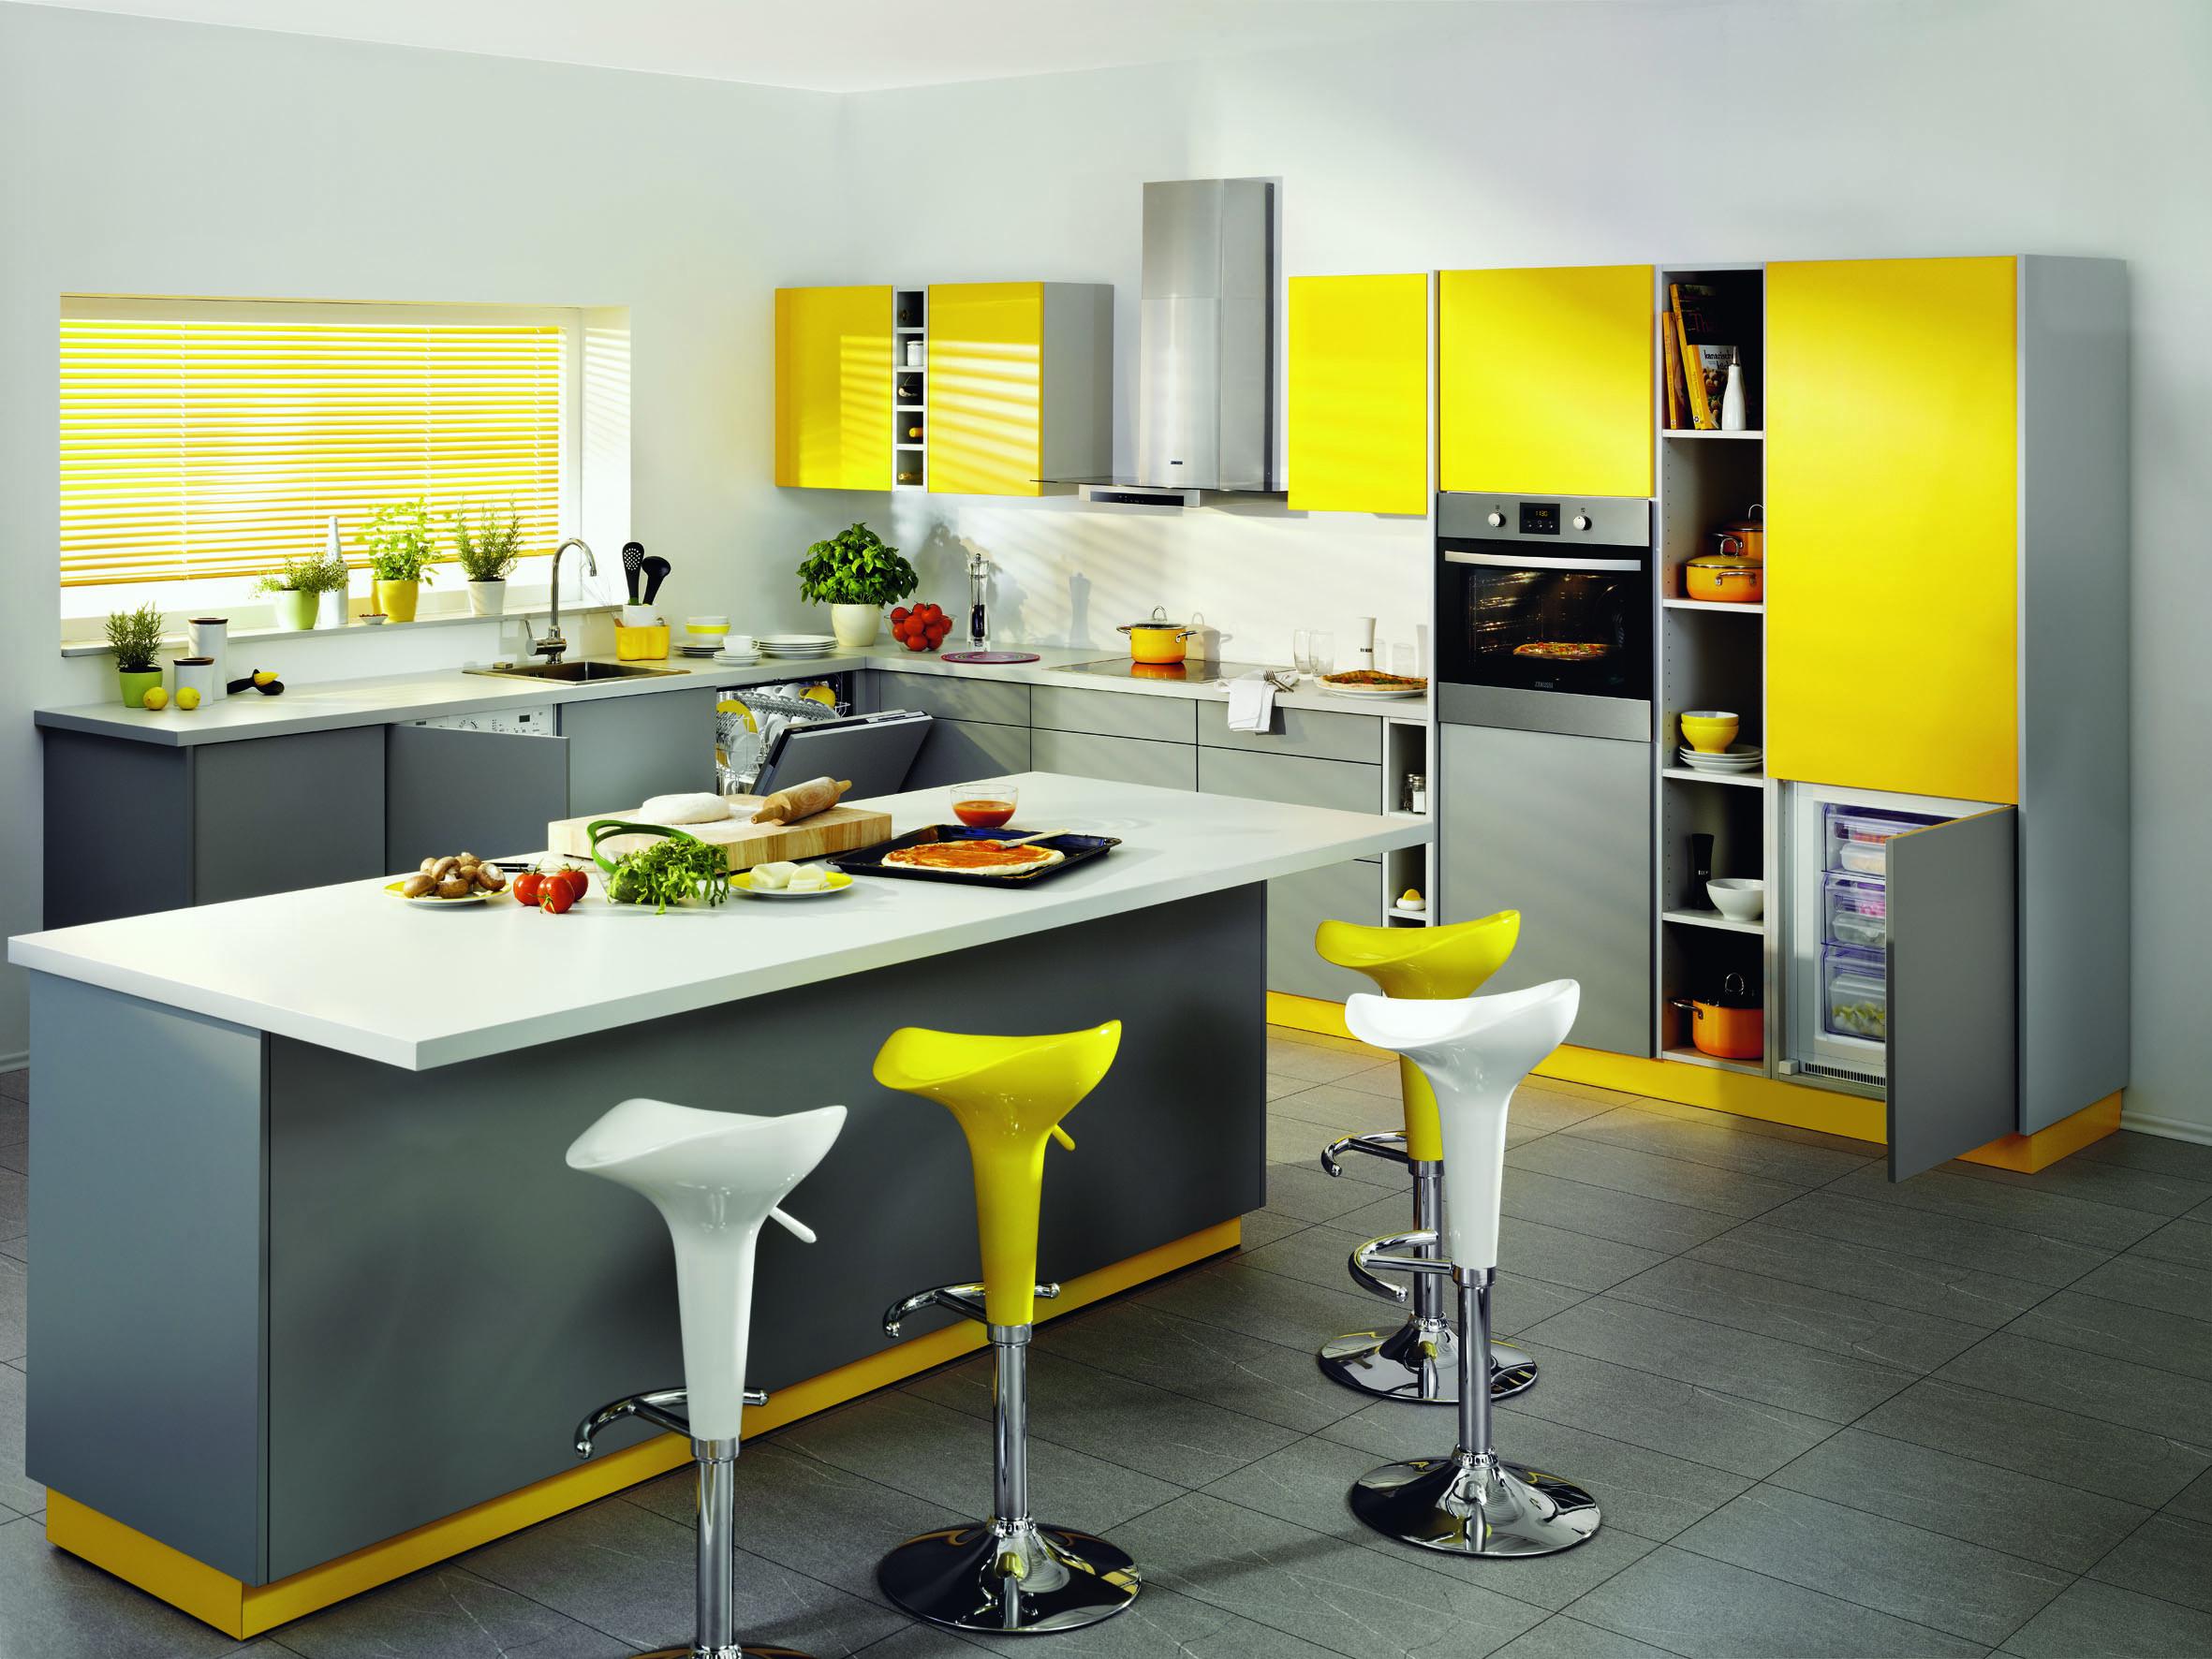 кухня в желто-сером цвете дизайн фото